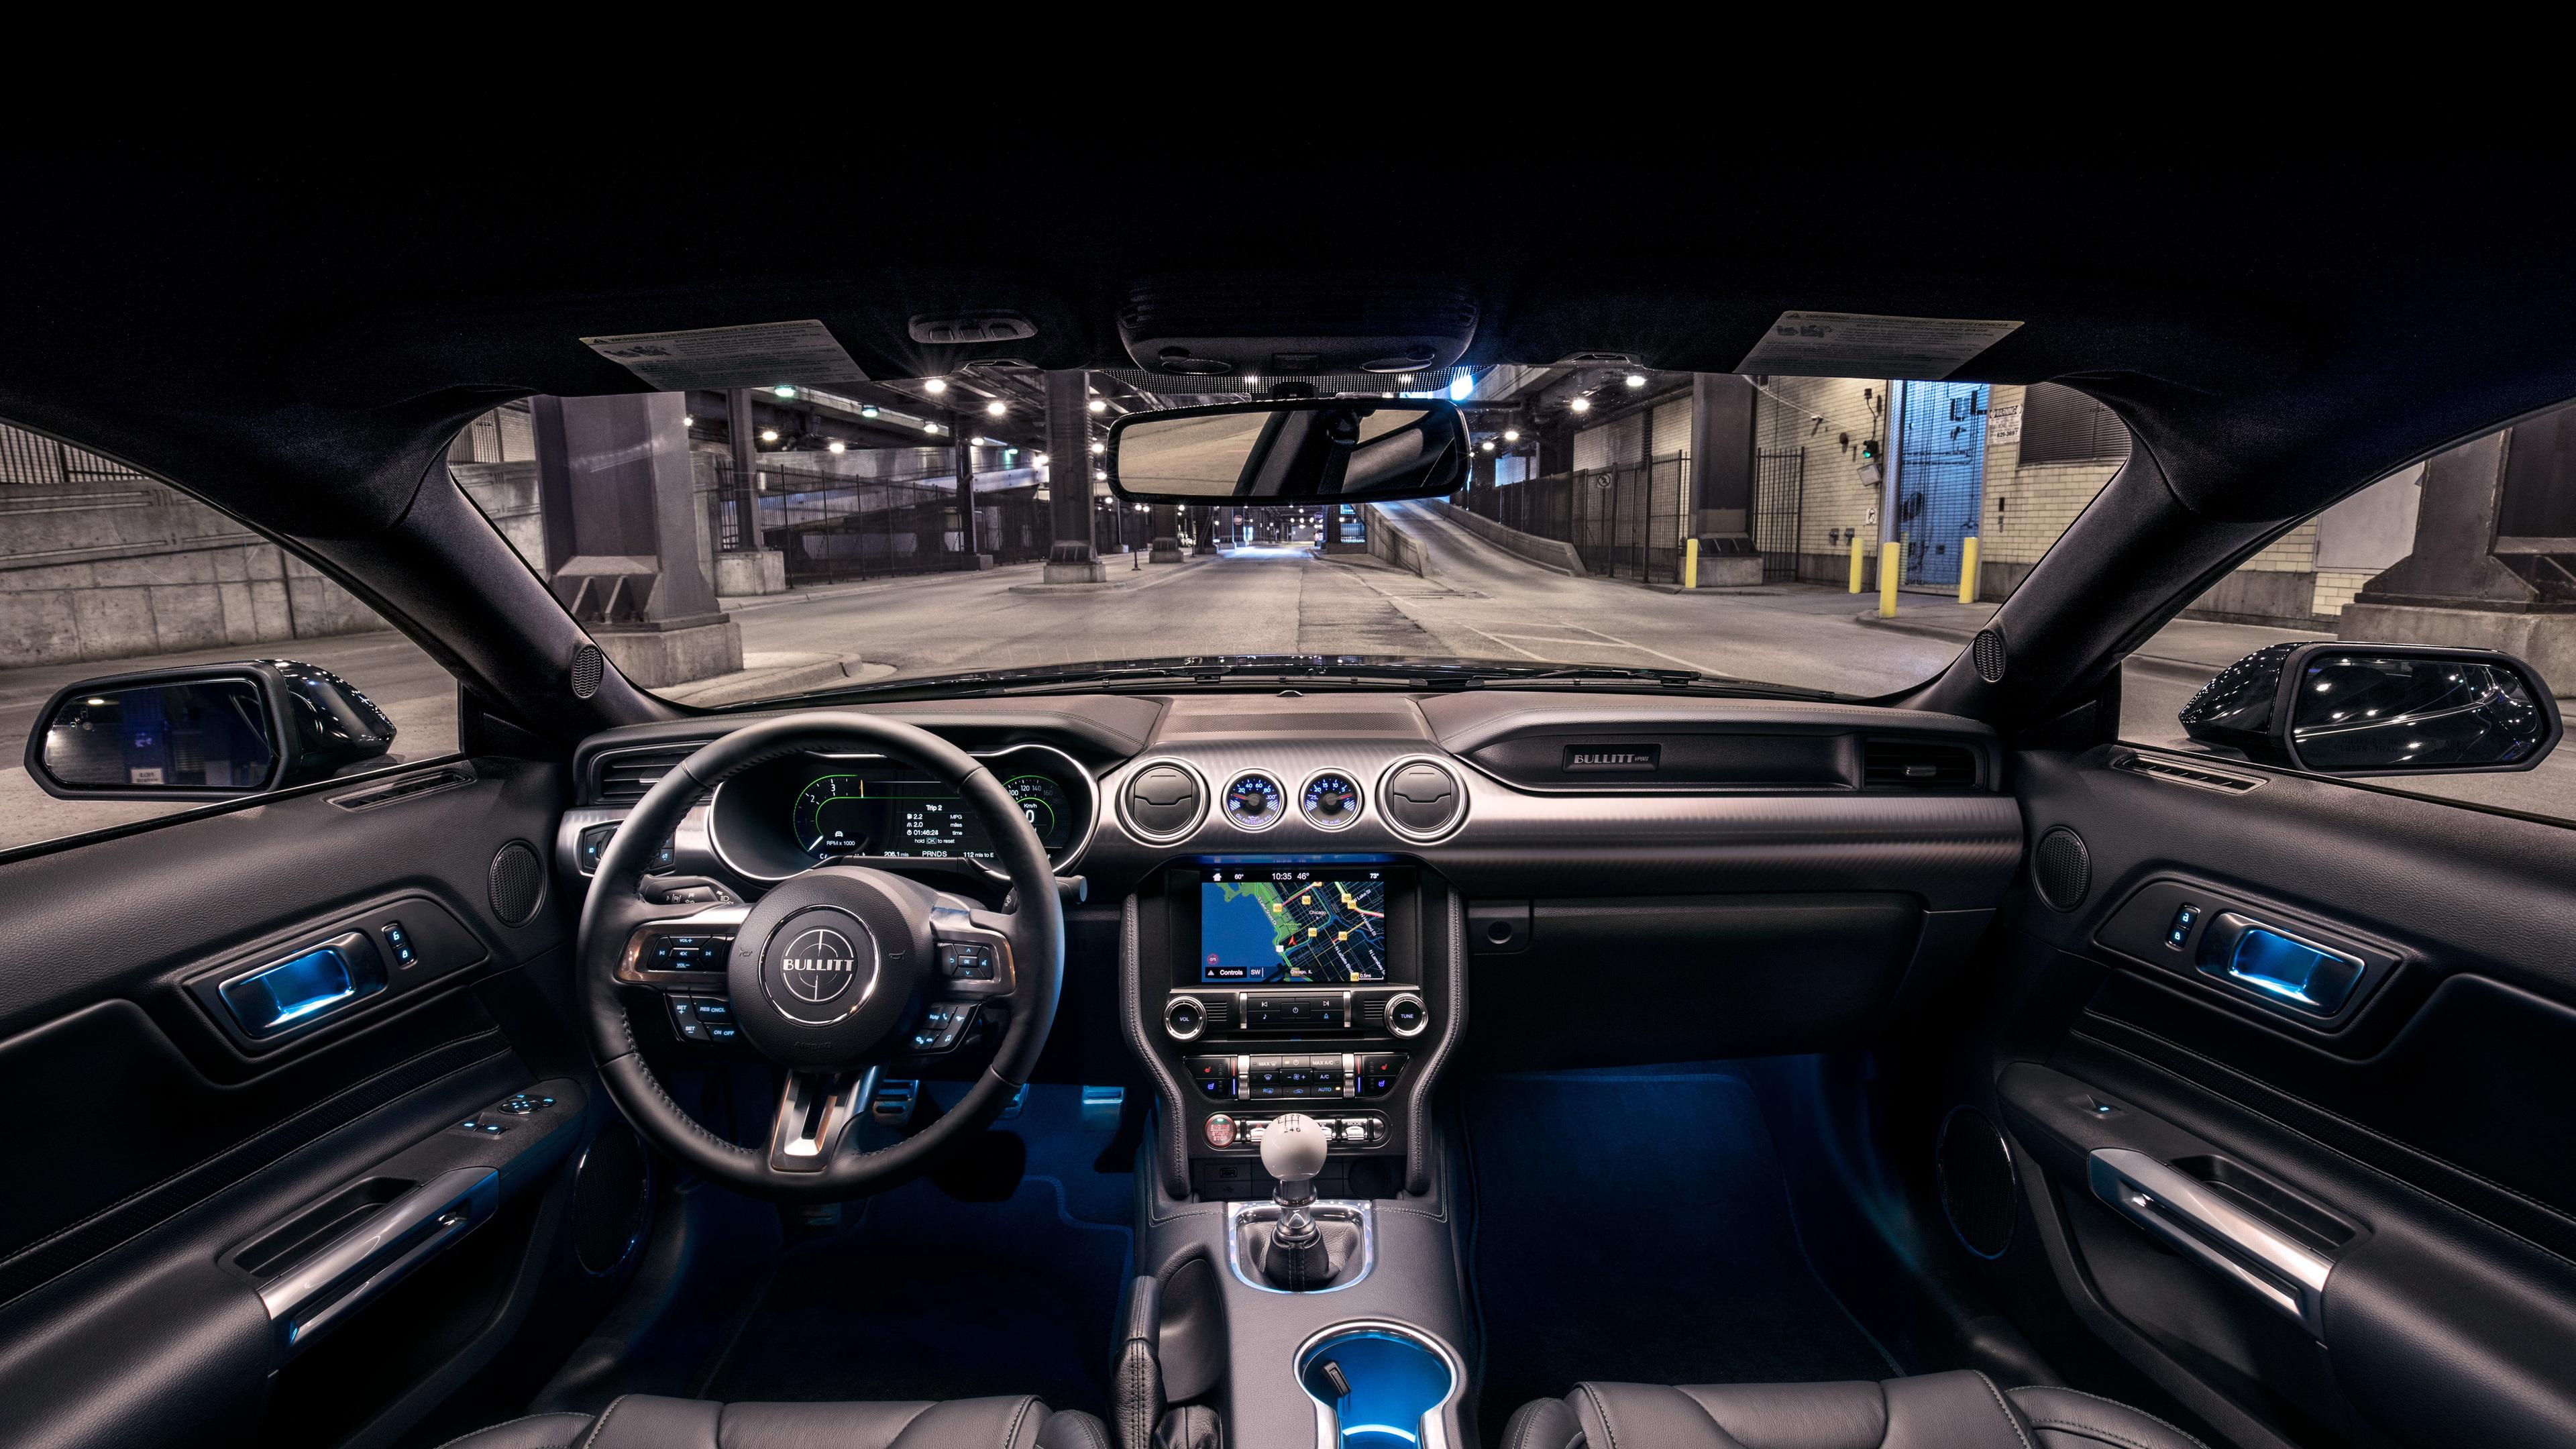 ford mustang bullitt interior 1539109112 - Ford Mustang Bullitt Interior - mustang wallpapers, hd-wallpapers, ford mustang wallpapers, ford mustang bullitt wallpapers, cars wallpapers, 4k-wallpapers, 2019 cars wallpapers